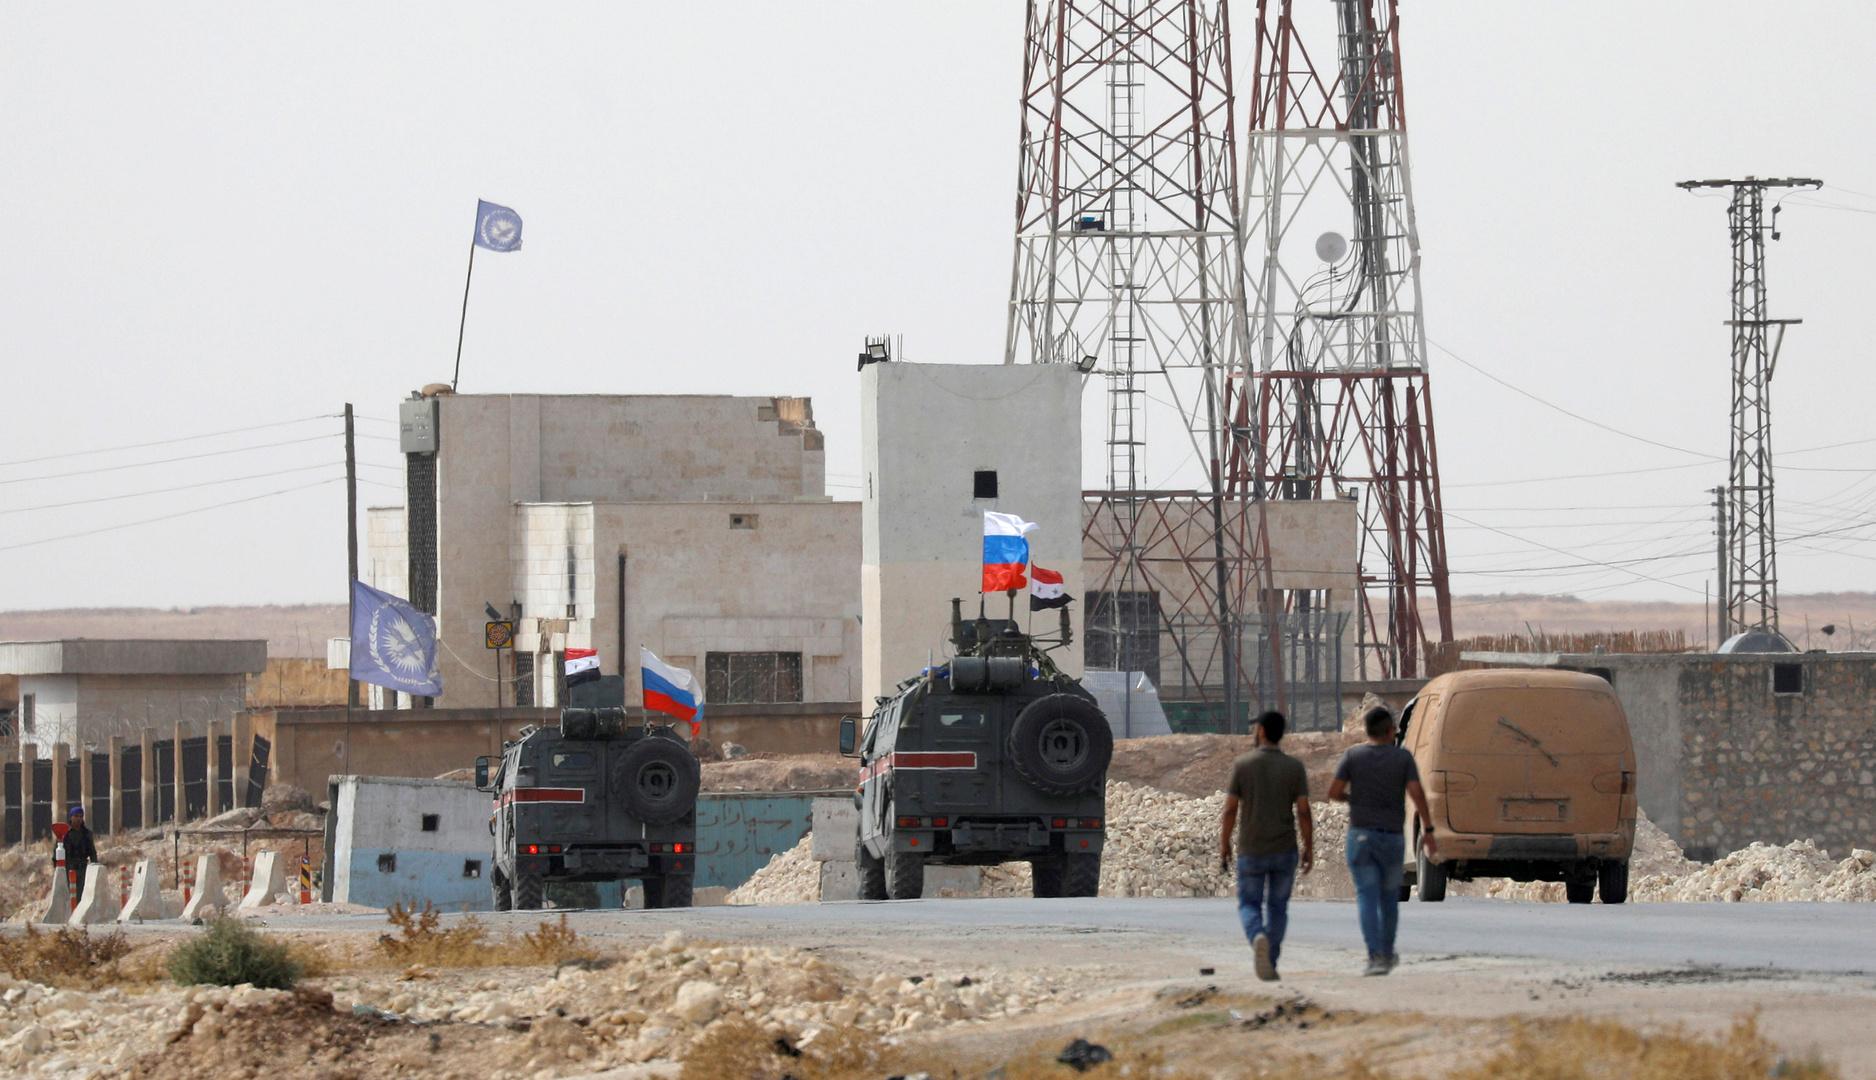 عربتان عسكريتان عليهما علما روسيا وسوريا قرب مدينة منبج